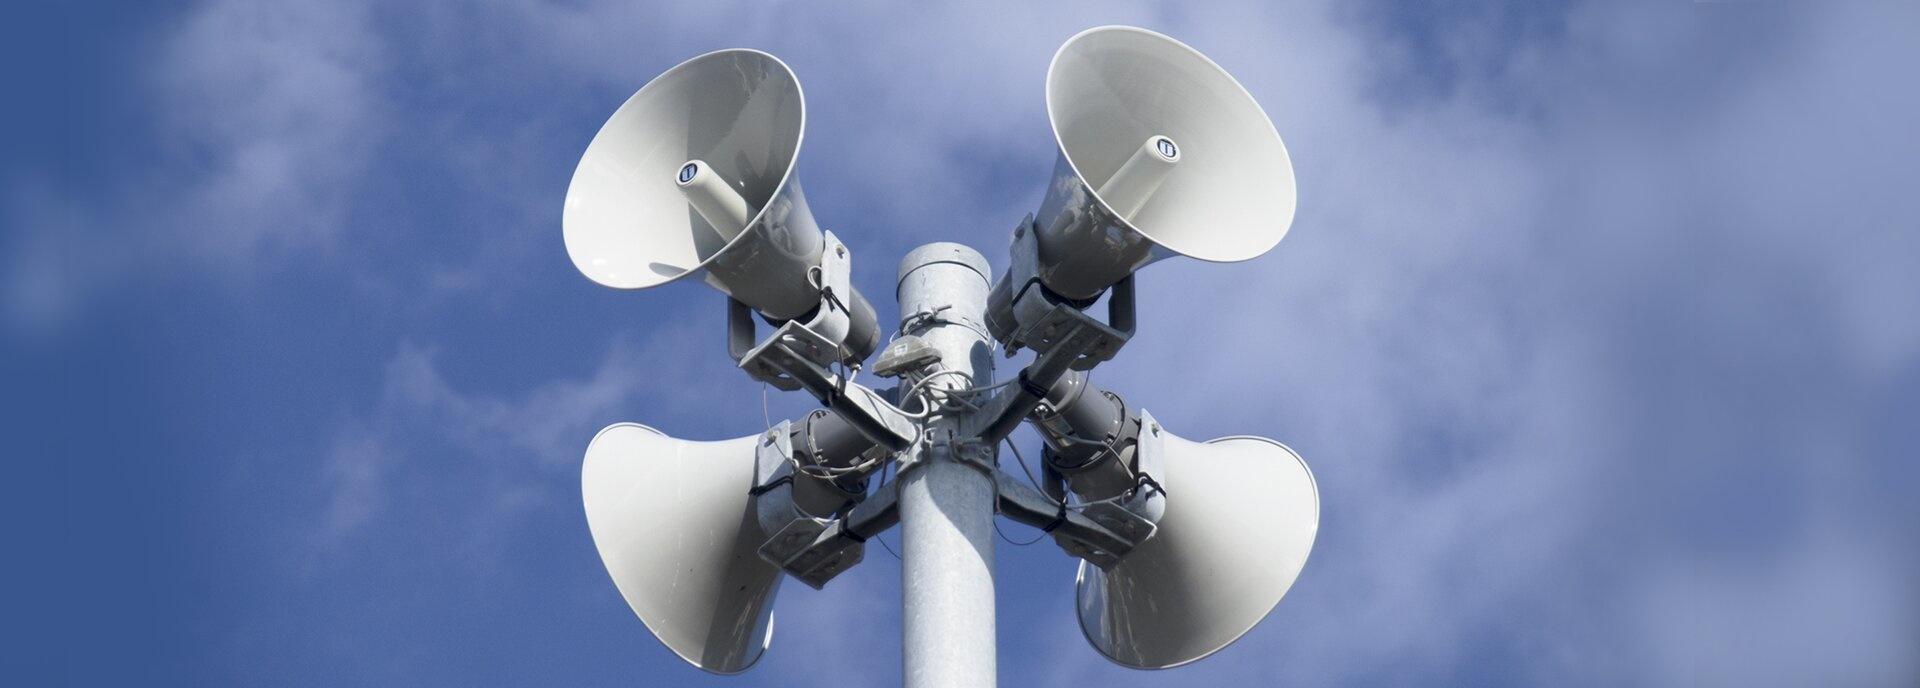 11 февраля в Коломне проверят работу системы оповещения